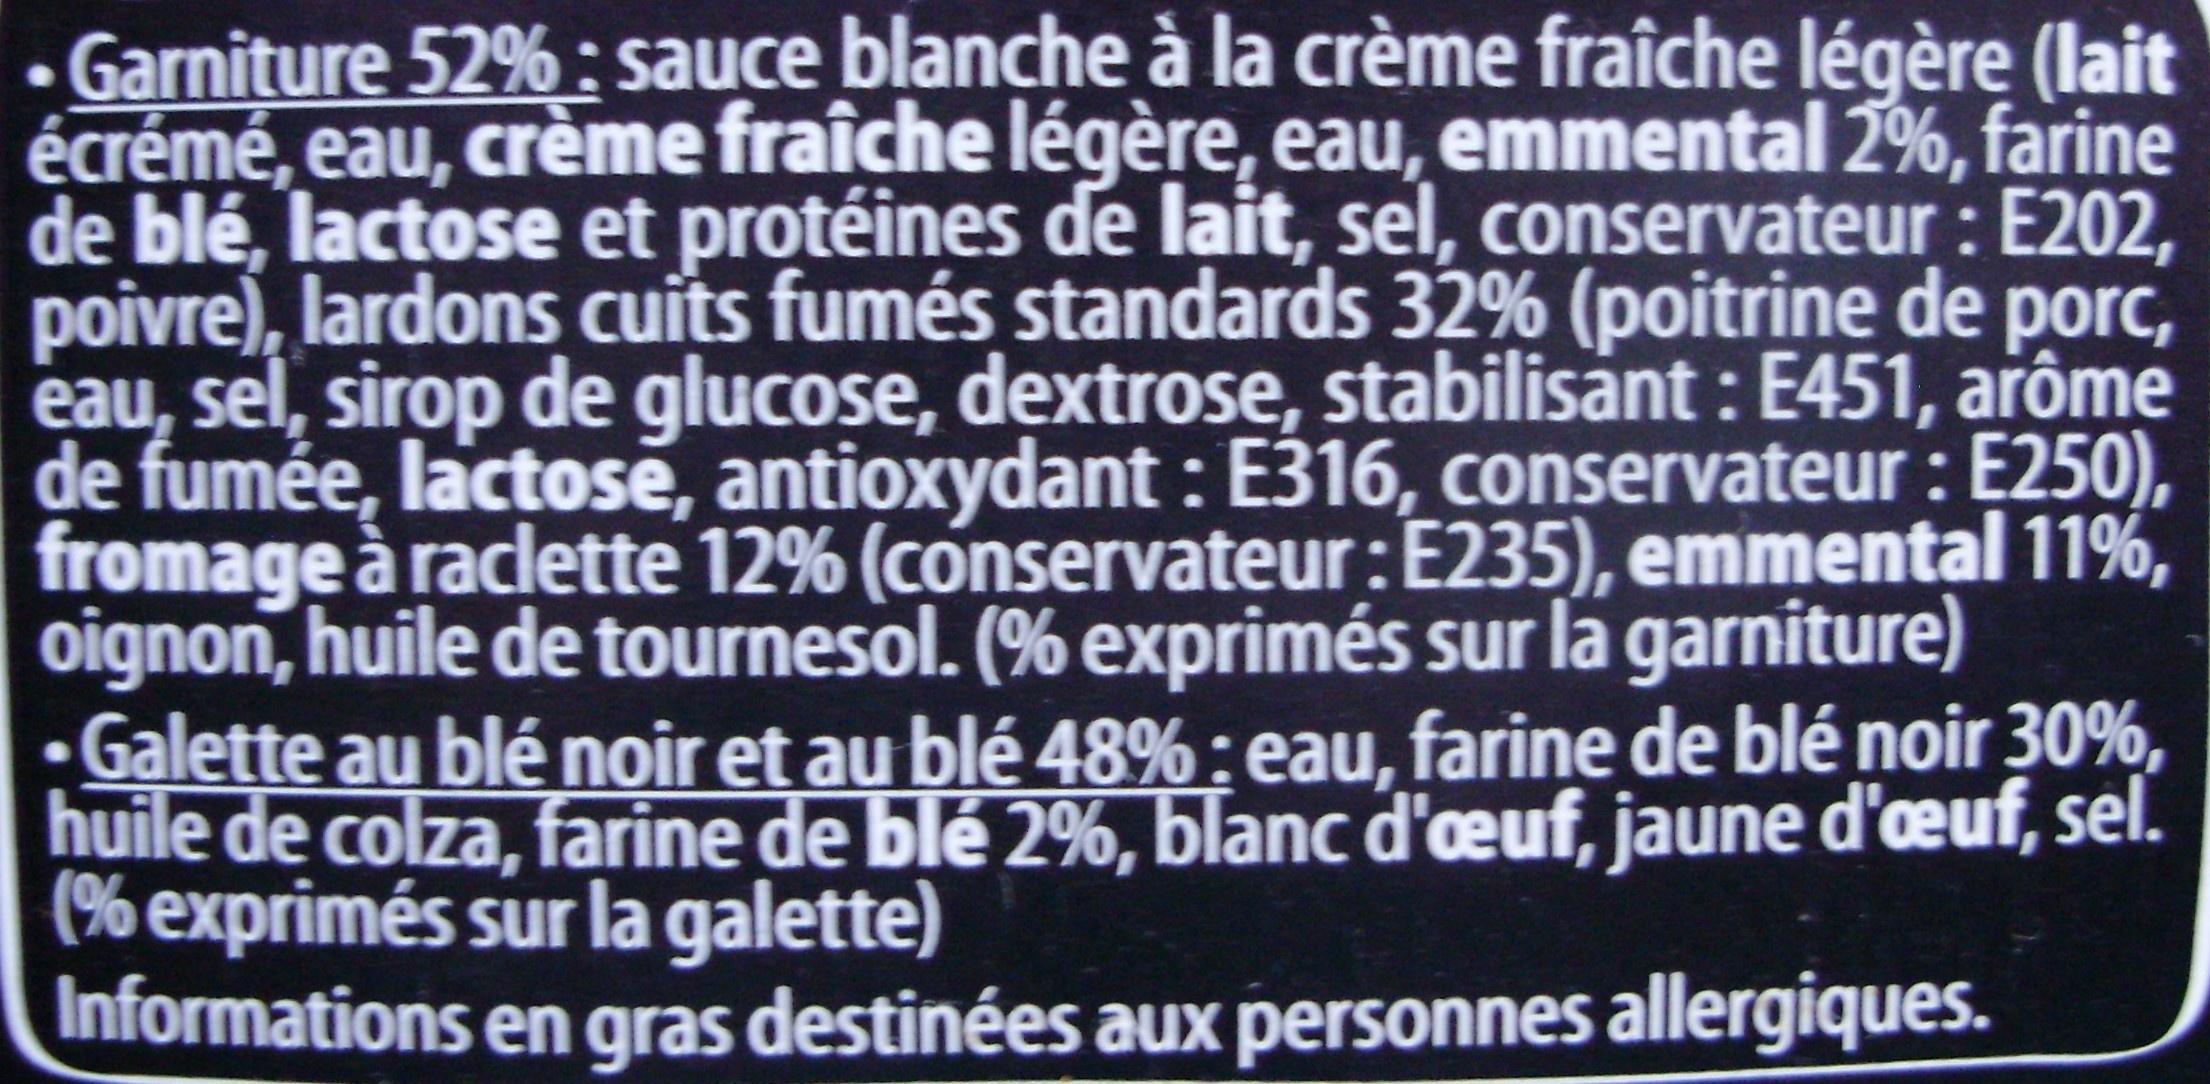 2 Galettes au Blé Noir, Lardons, Raclette - Ingrédients